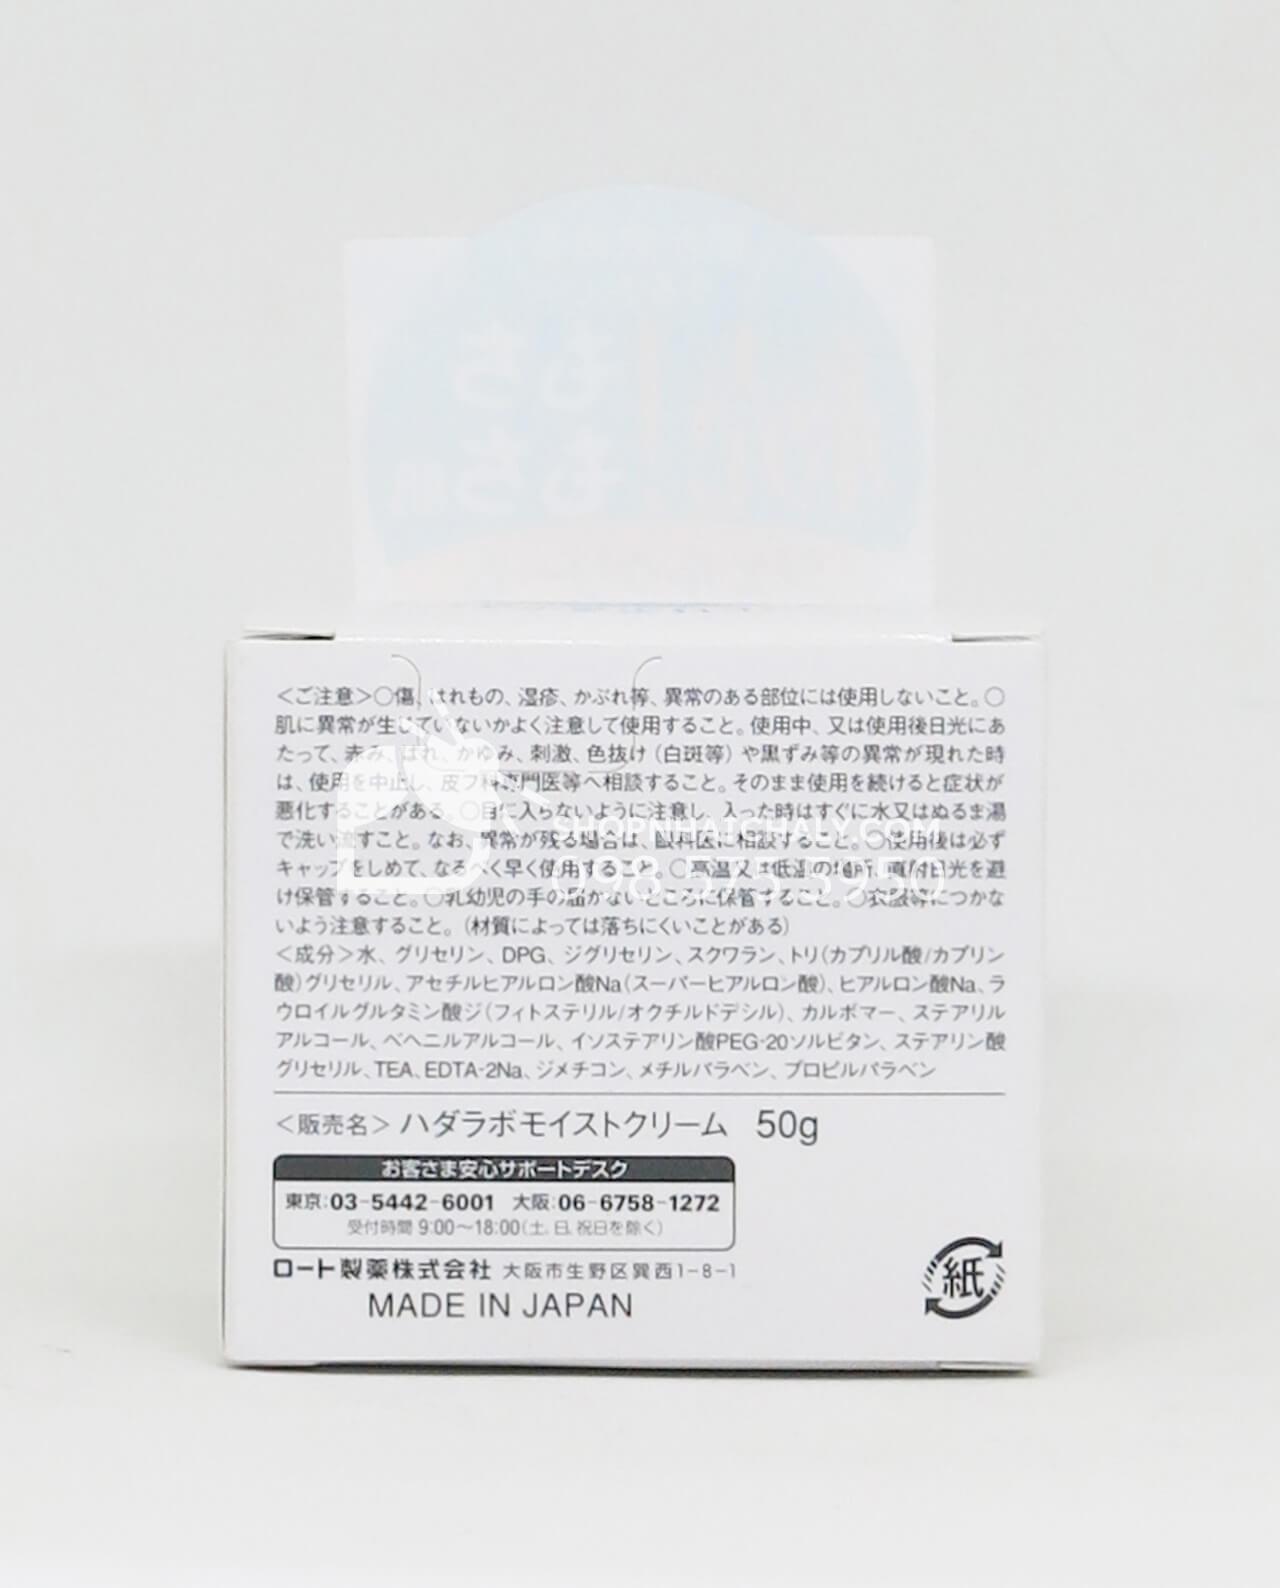 Kem dưỡng ẩm Hada Labo Nhật cho da khô Super Hyaluronic 50gr mẫu mới - thông tin sản phẩm